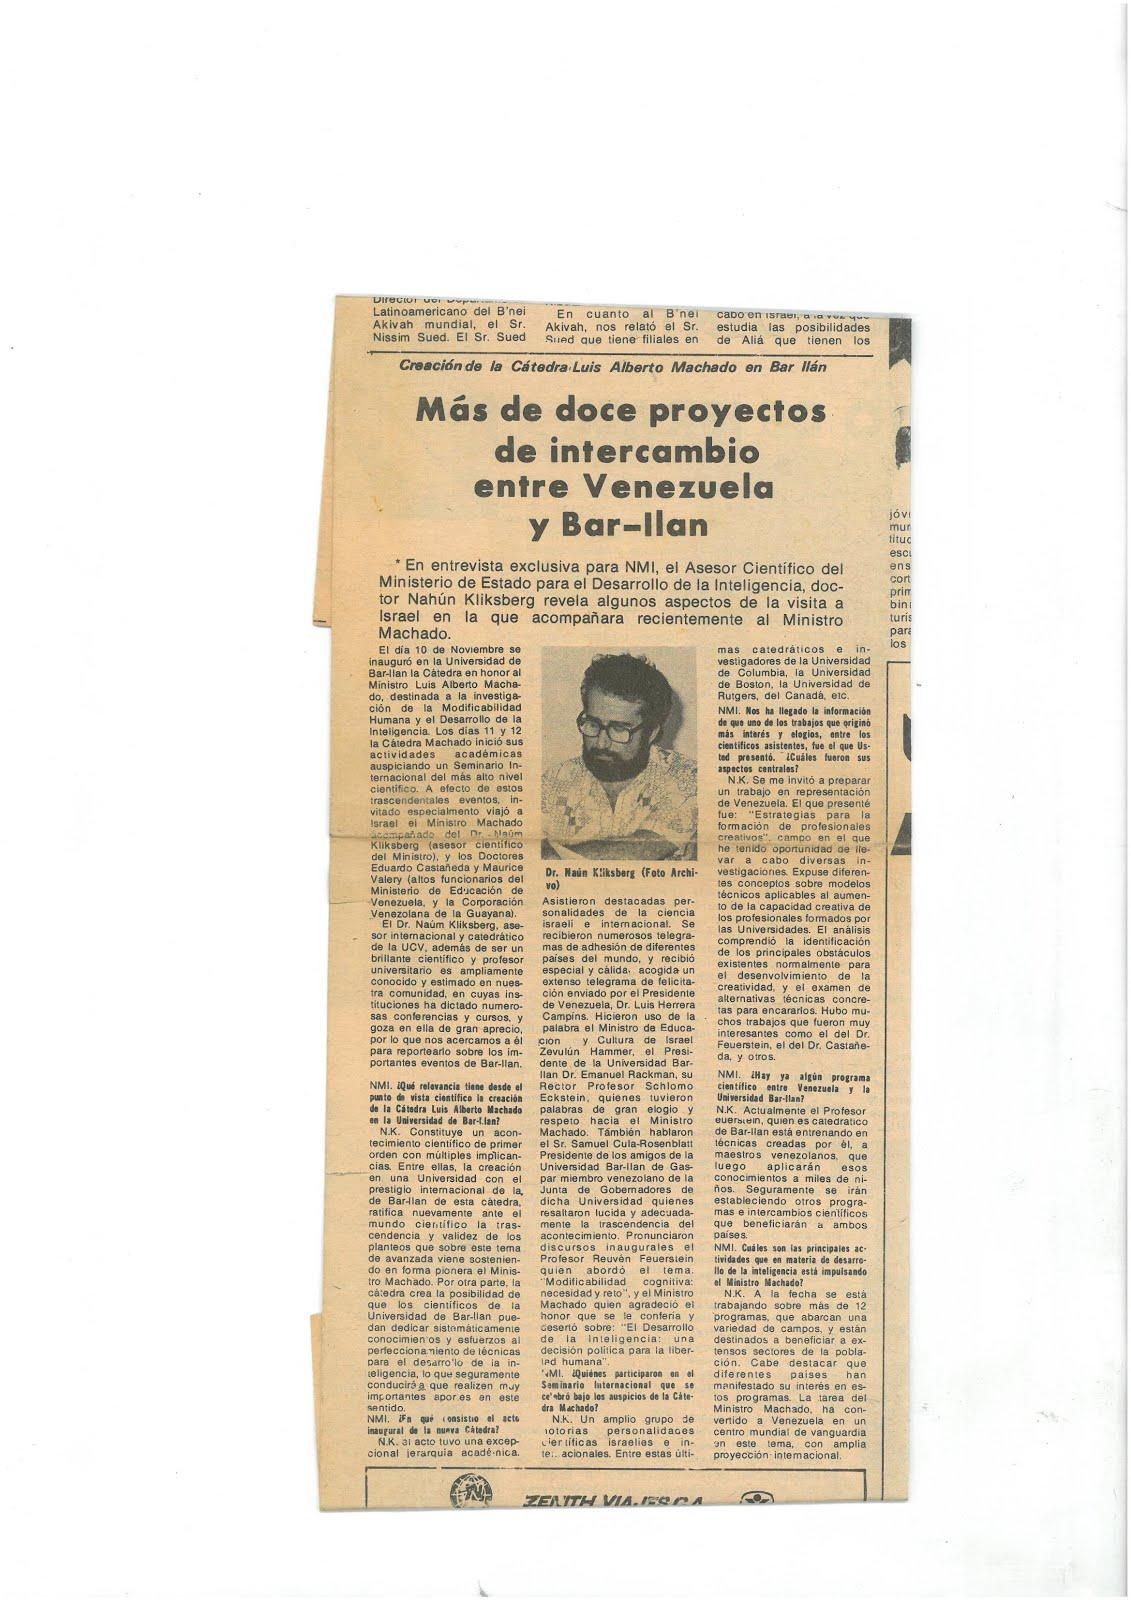 34 - Periódico Nuevo Mundo Israelita,Venezuela ,5/12/1980. Reportaje a Naum Kliksberg.